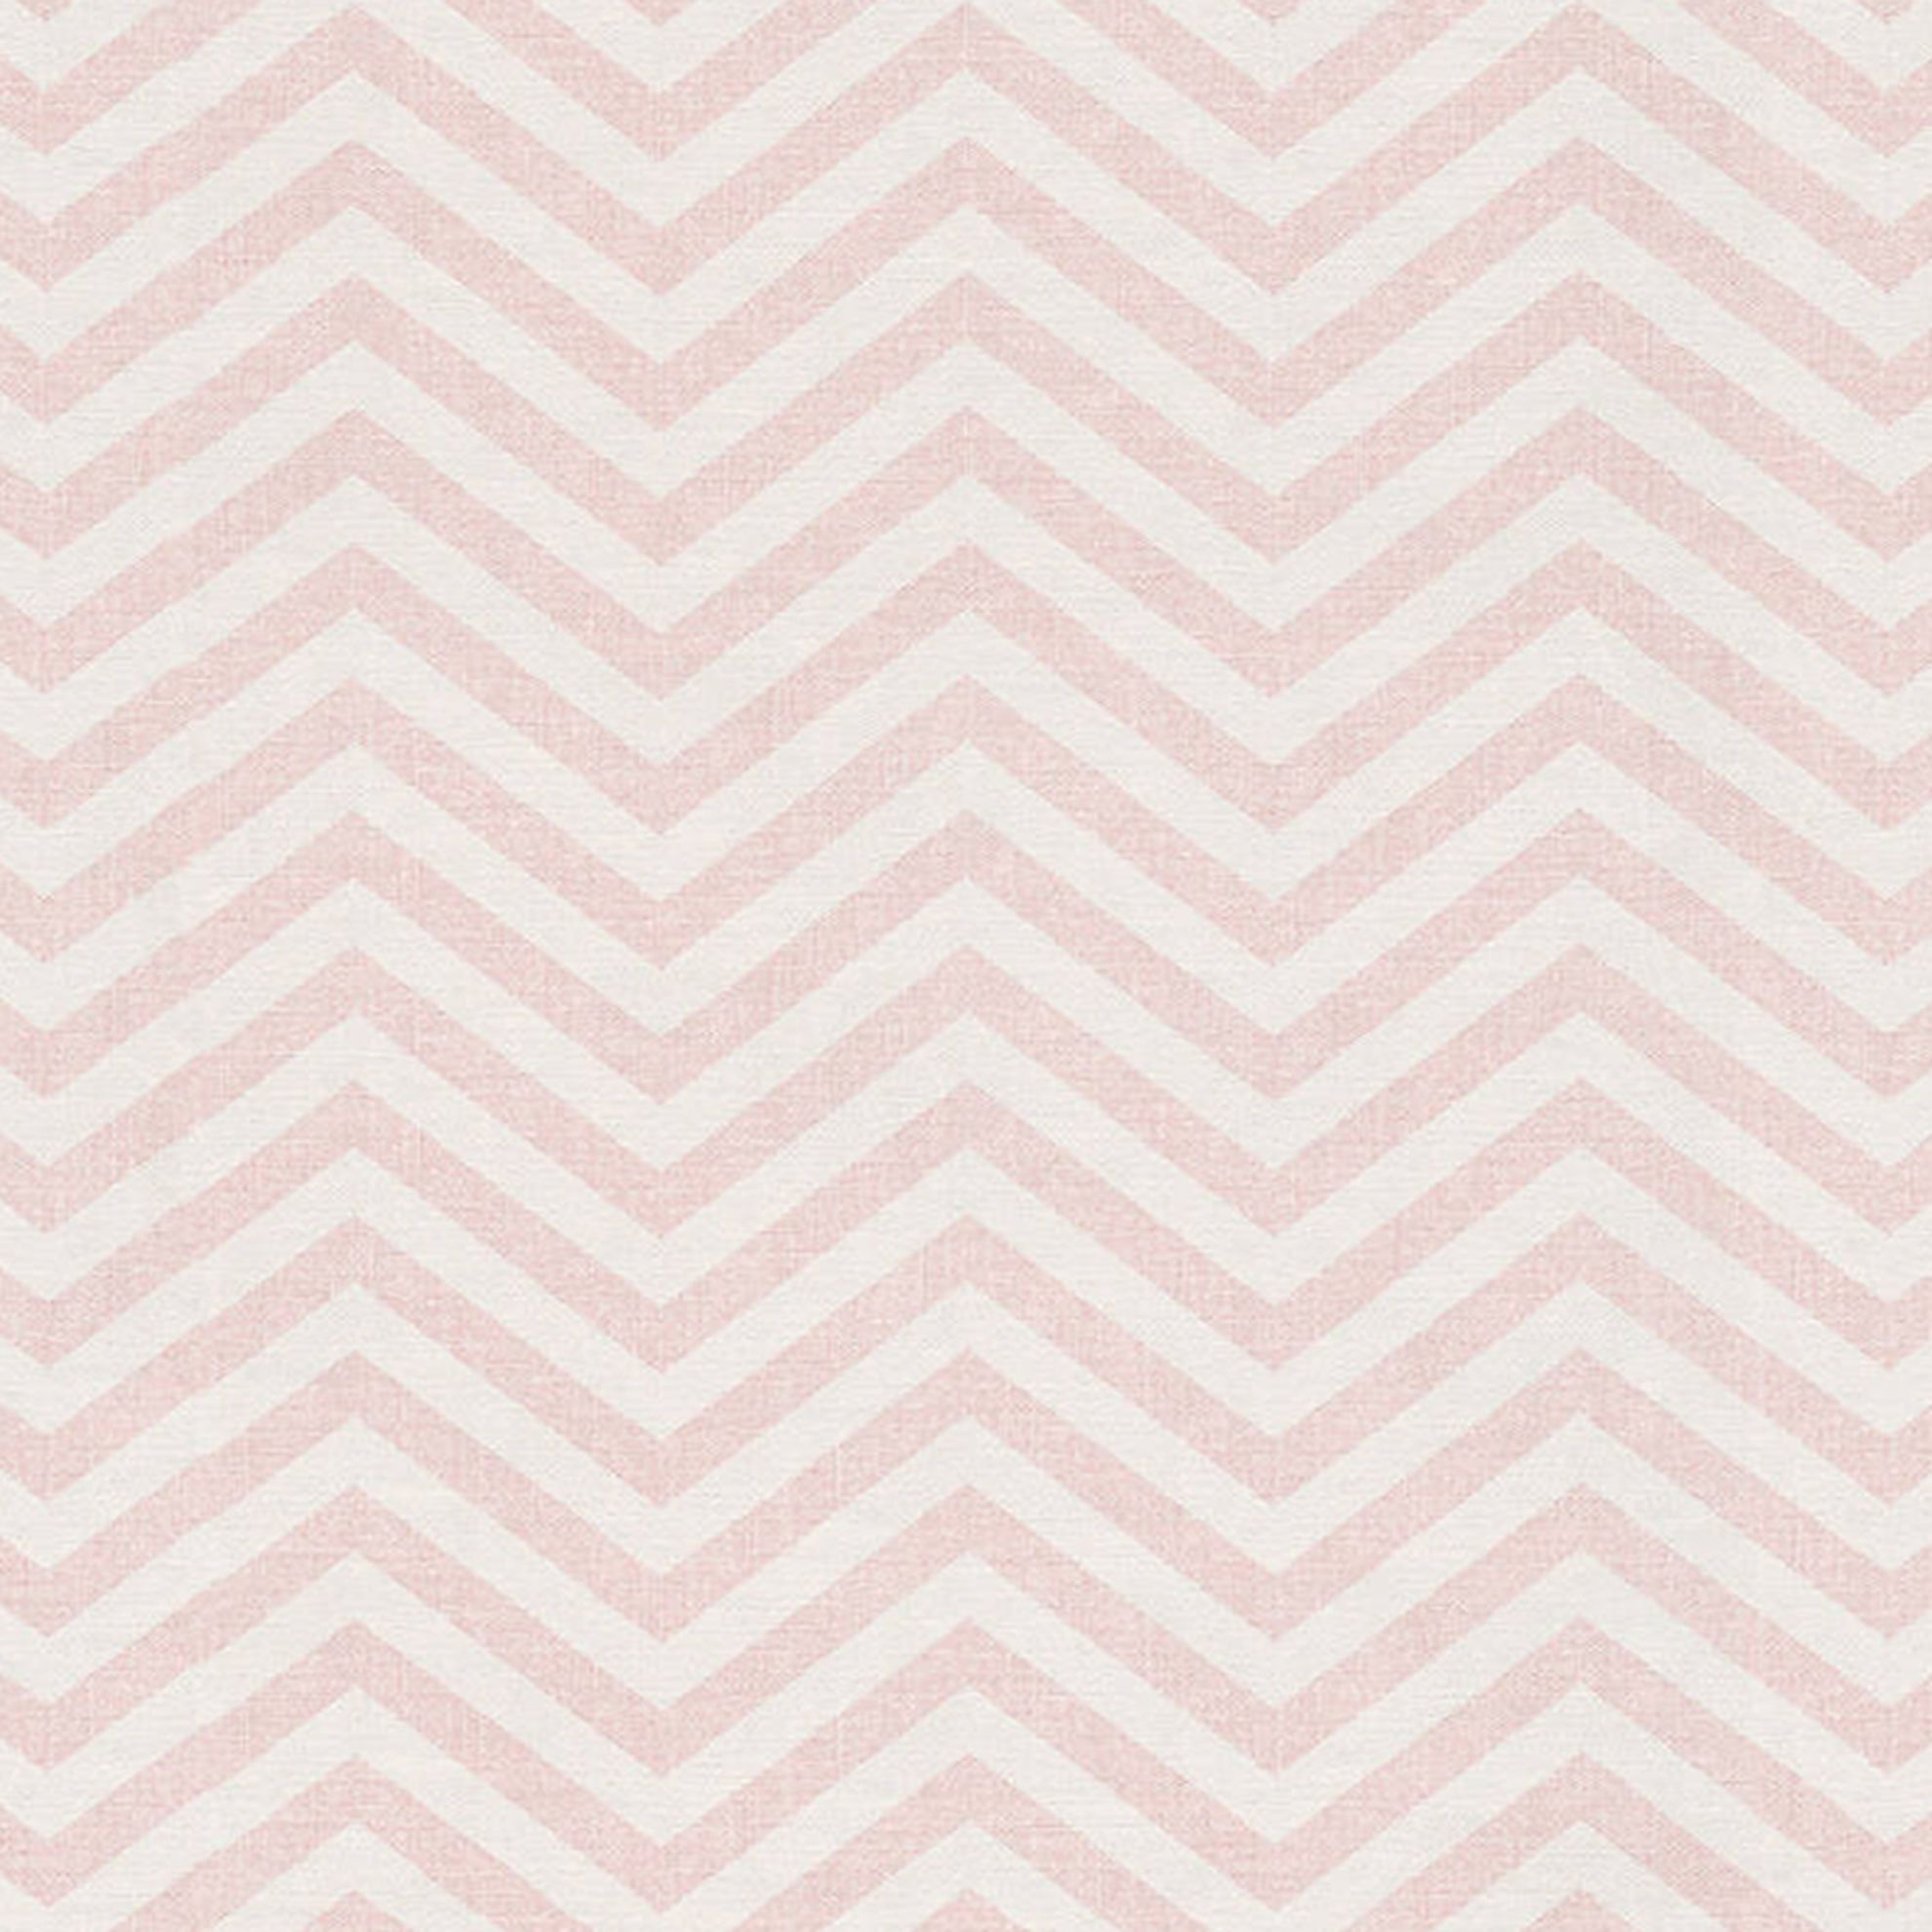 Rapido e gratuito consegna stimata ven. Carta Da Parati Chevron Rosa Prezzo Online Leroy Merlin Geometric Pattern Wallpaper Wallpaper Trends Blush Wallpaper